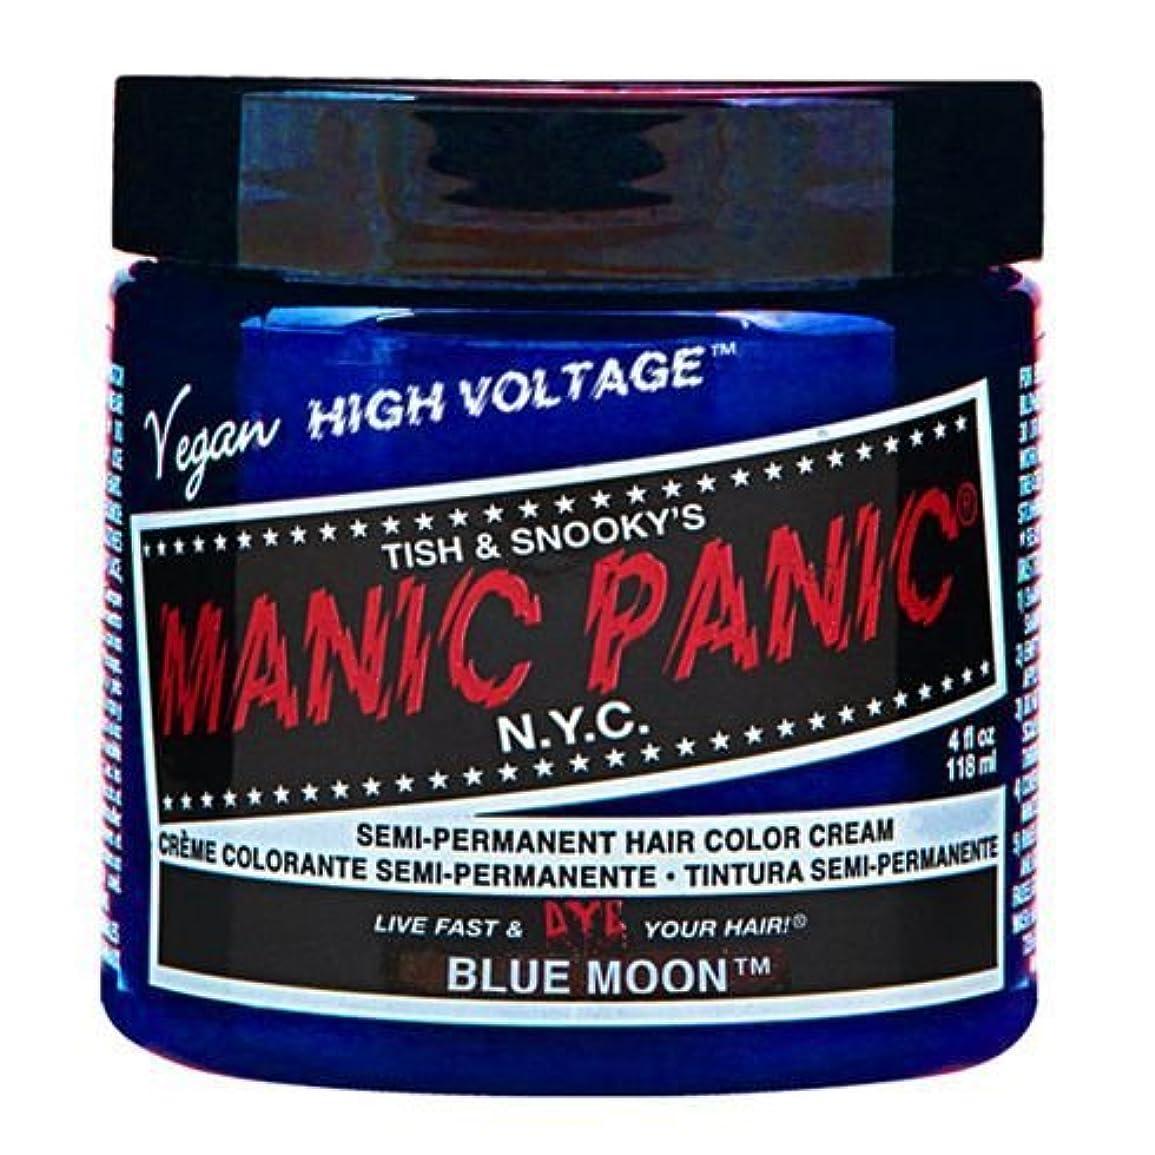 思慮のない予約支店スペシャルセットMANIC PANICマニックパニック:Blue Moon (ブルームーン)+ヘアカラーケア4点セット